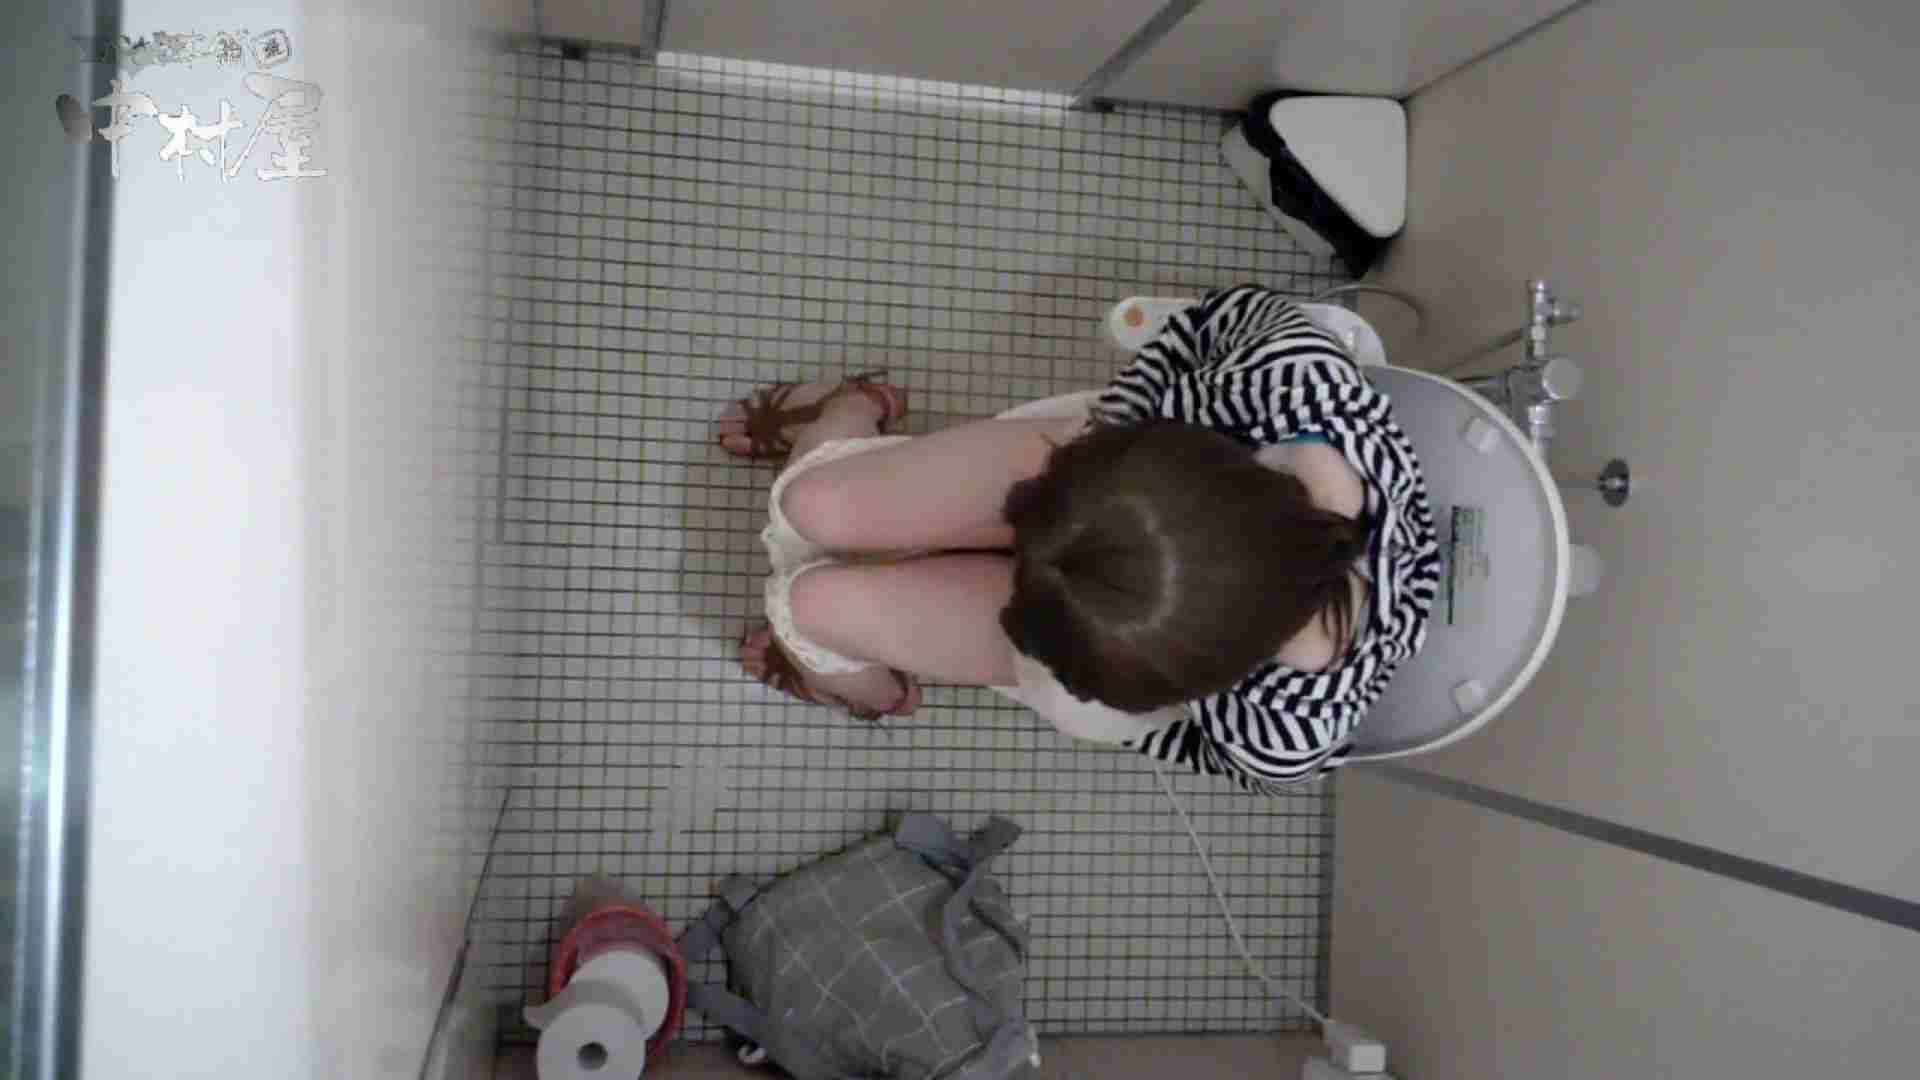 有名大学女性洗面所 Vol.52 ストッキングの最後の「くいっ!」がたまりません 投稿 AV無料動画キャプチャ 83pic 9